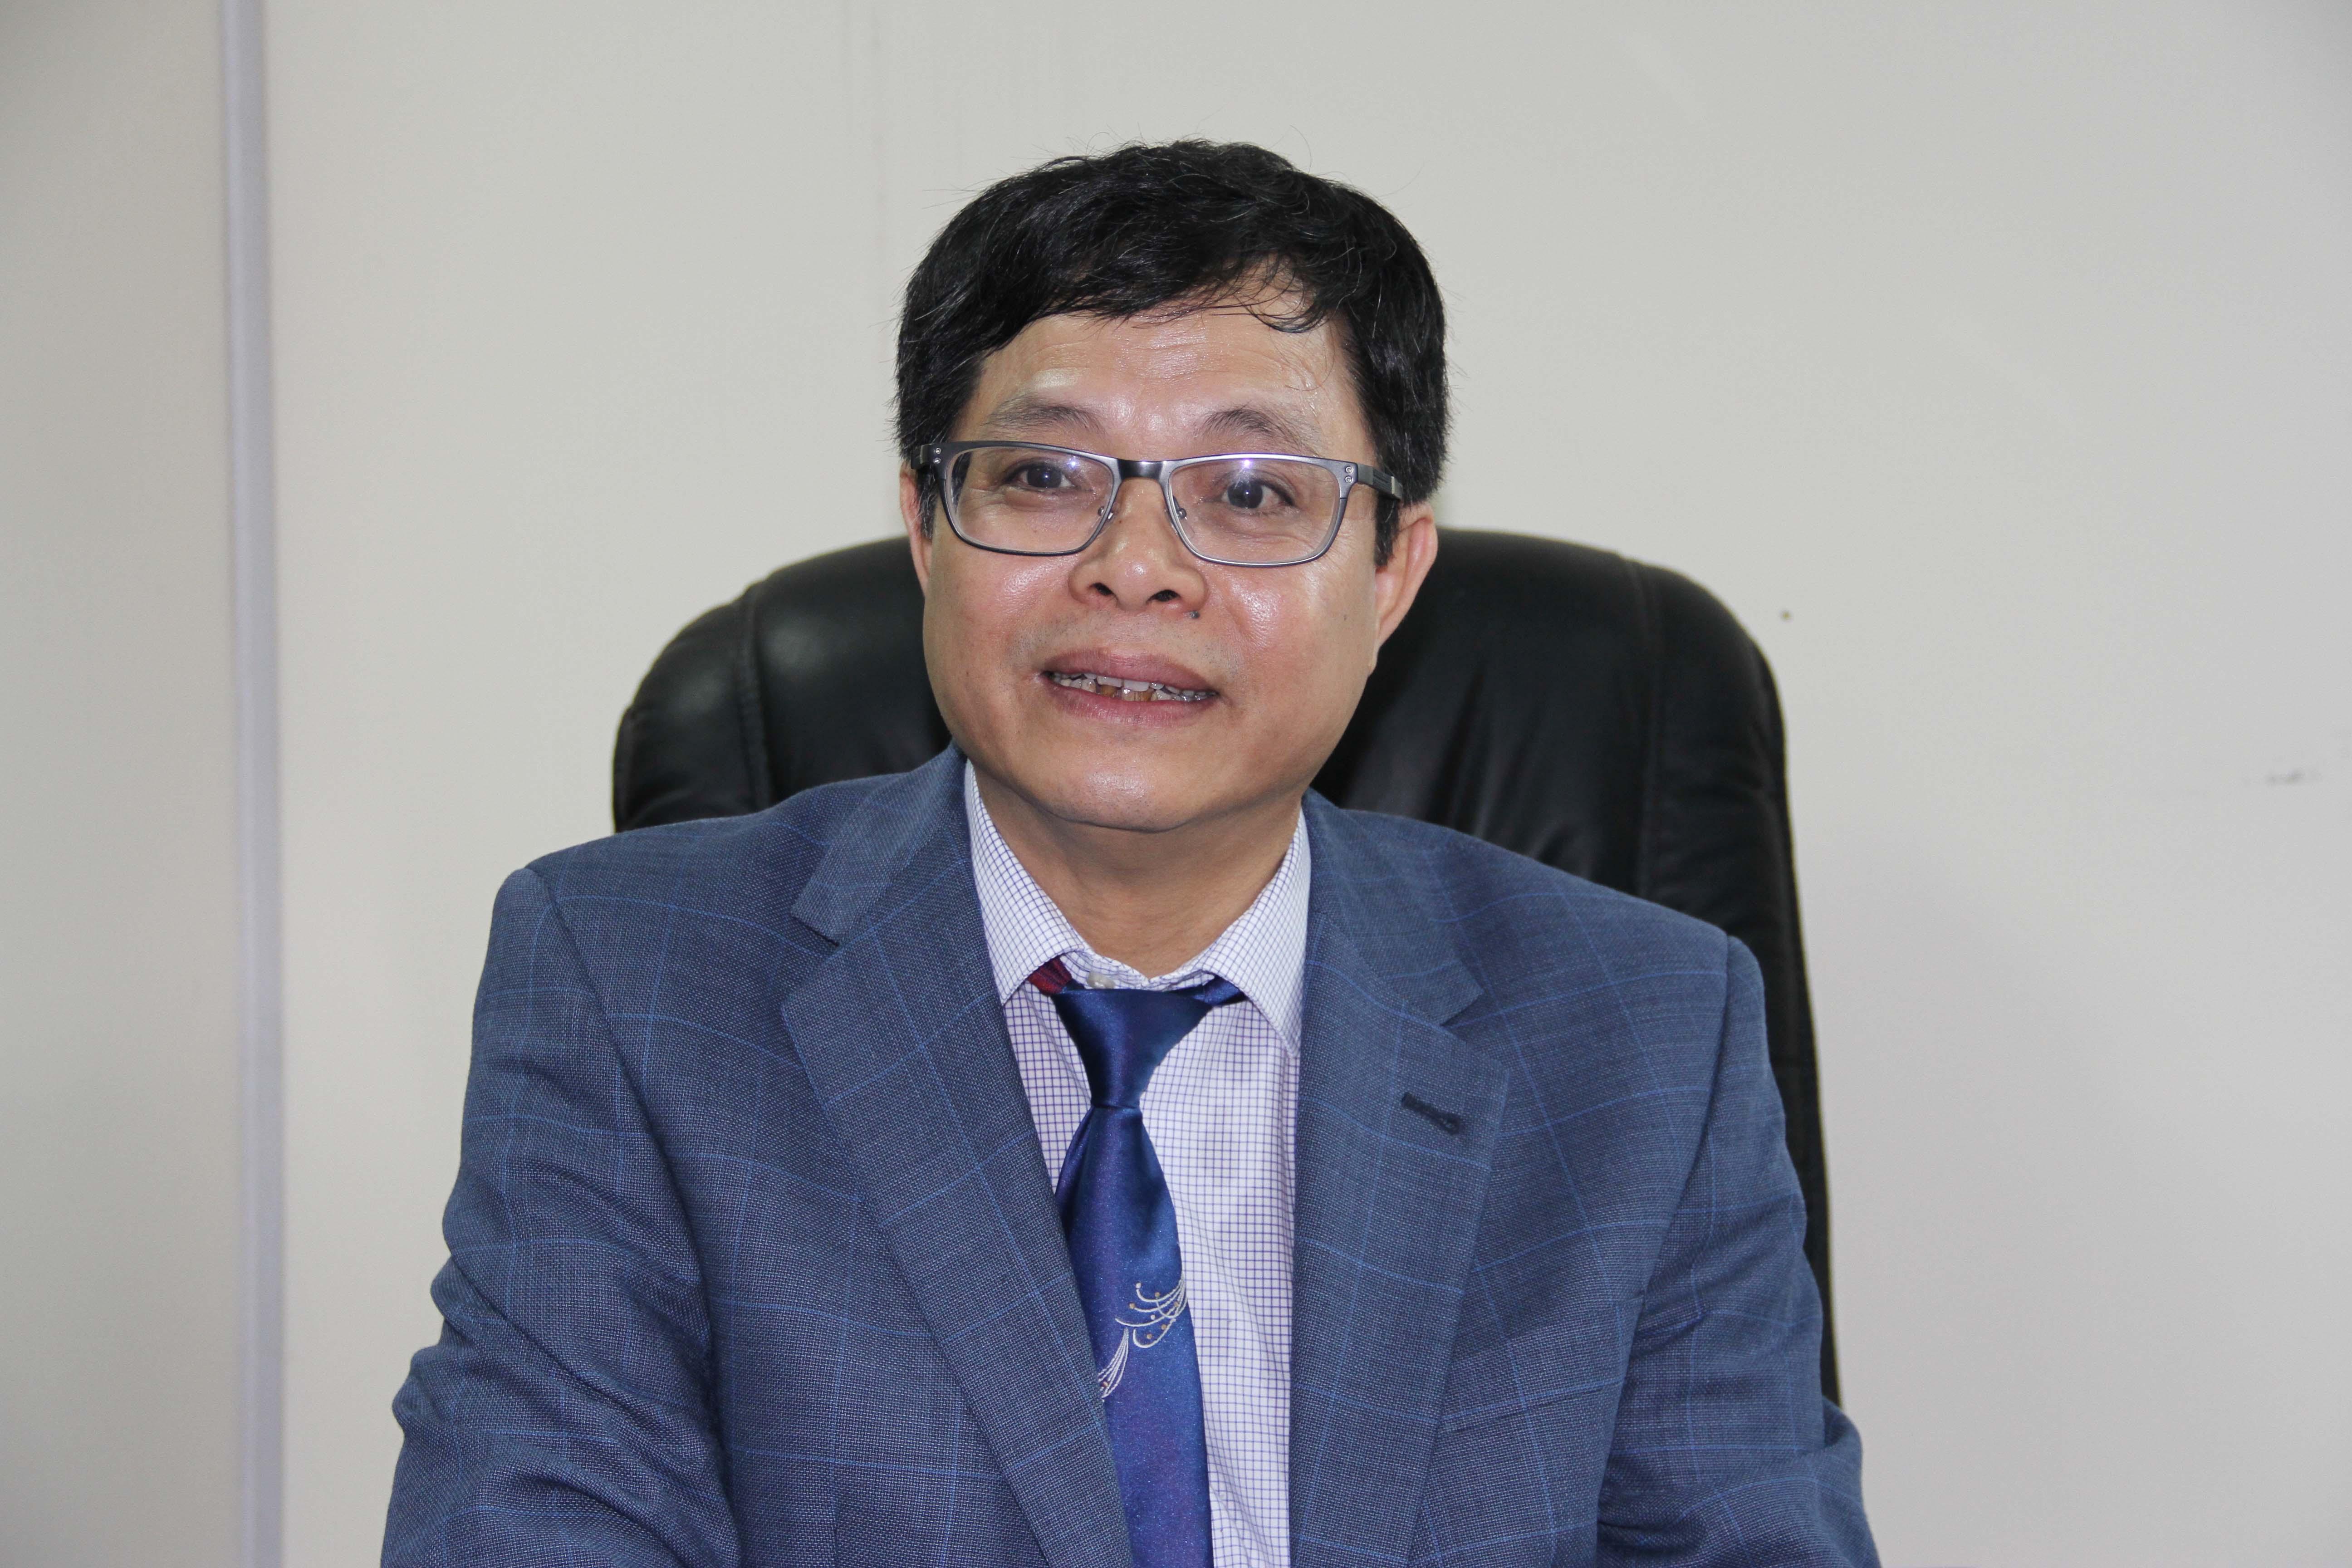 Ông Lưu Đức Thanh, Trưởng phòng Chỉ dẫn địa lý